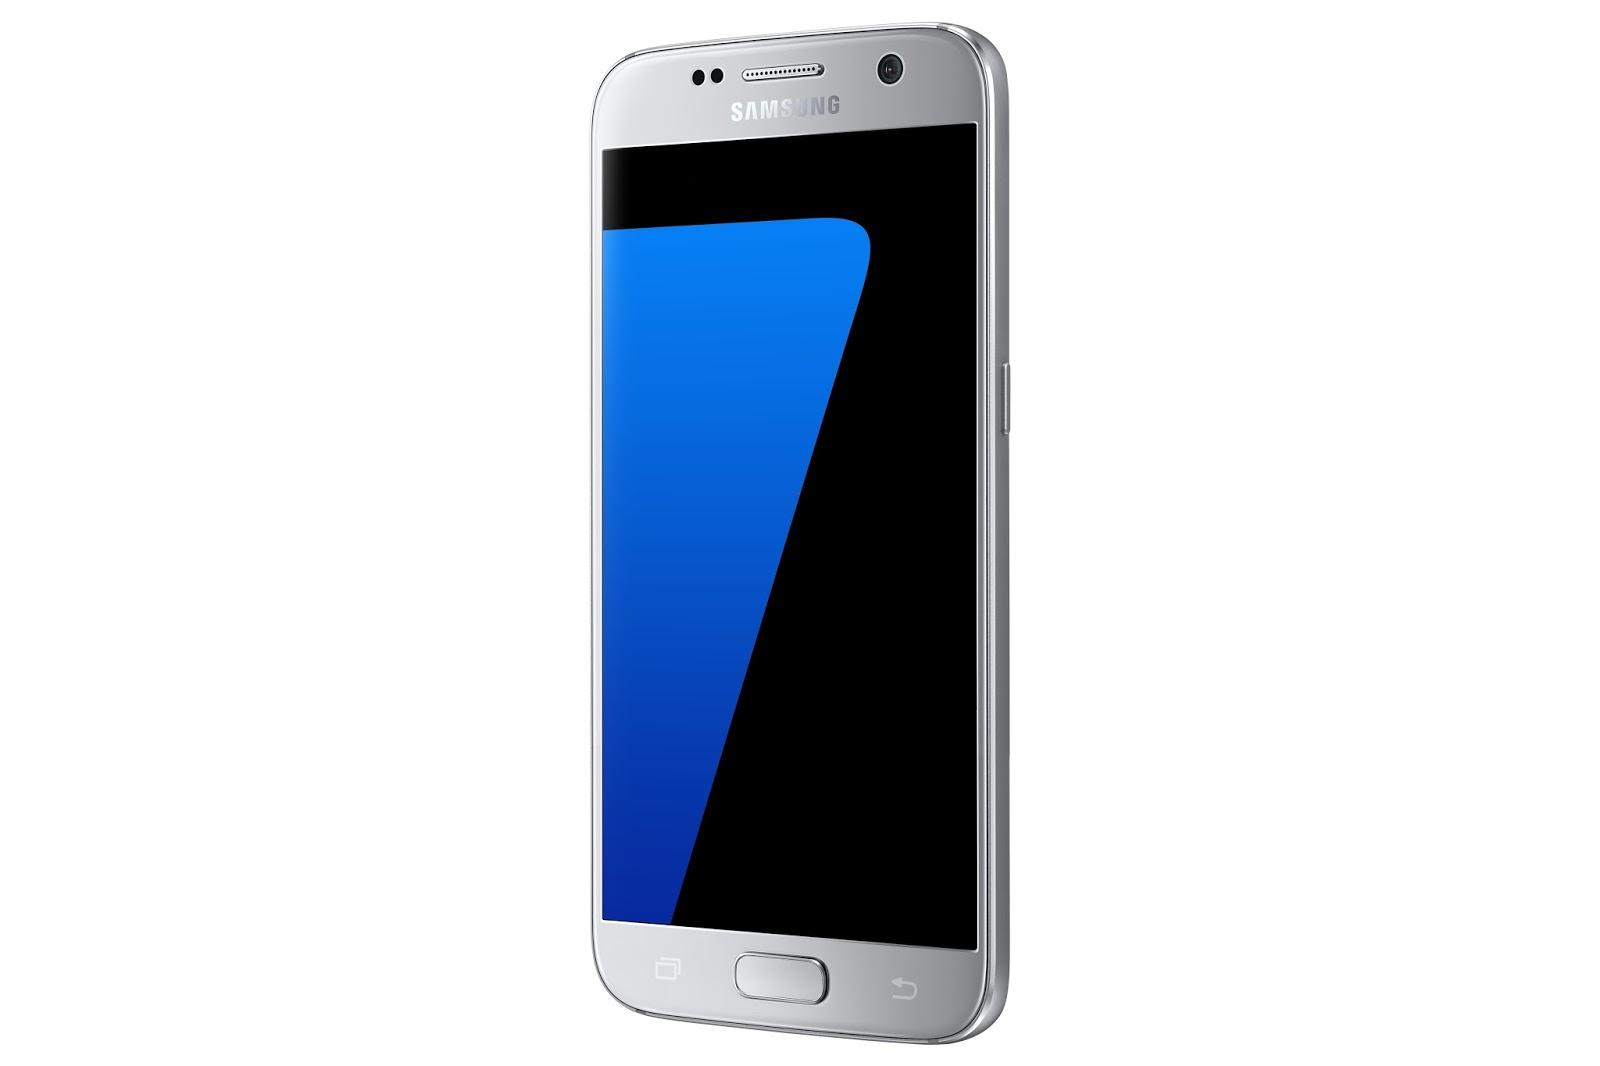 b05fc249dcd25 Goiânia está confirmada na programação de lançamento de um dos principais  ícones de tecnologia da atualidade, os novos Samsung Galaxy S7 e Galaxy S7  edge.